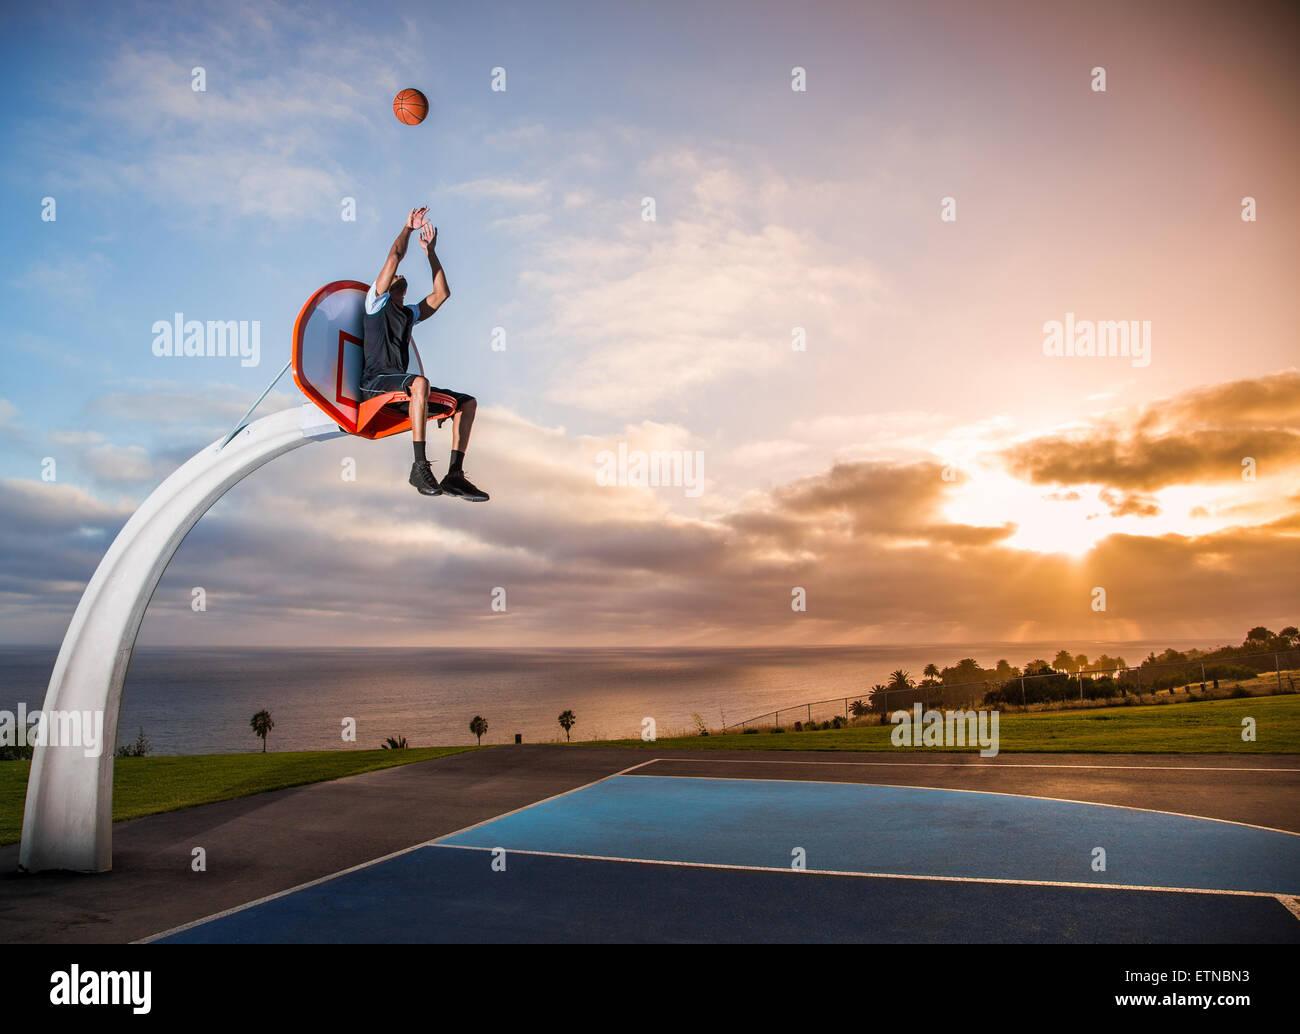 Junger Mann sitzt in einem Basketballkorb in einem Park, Los Angeles, Kalifornien, USA Stockbild